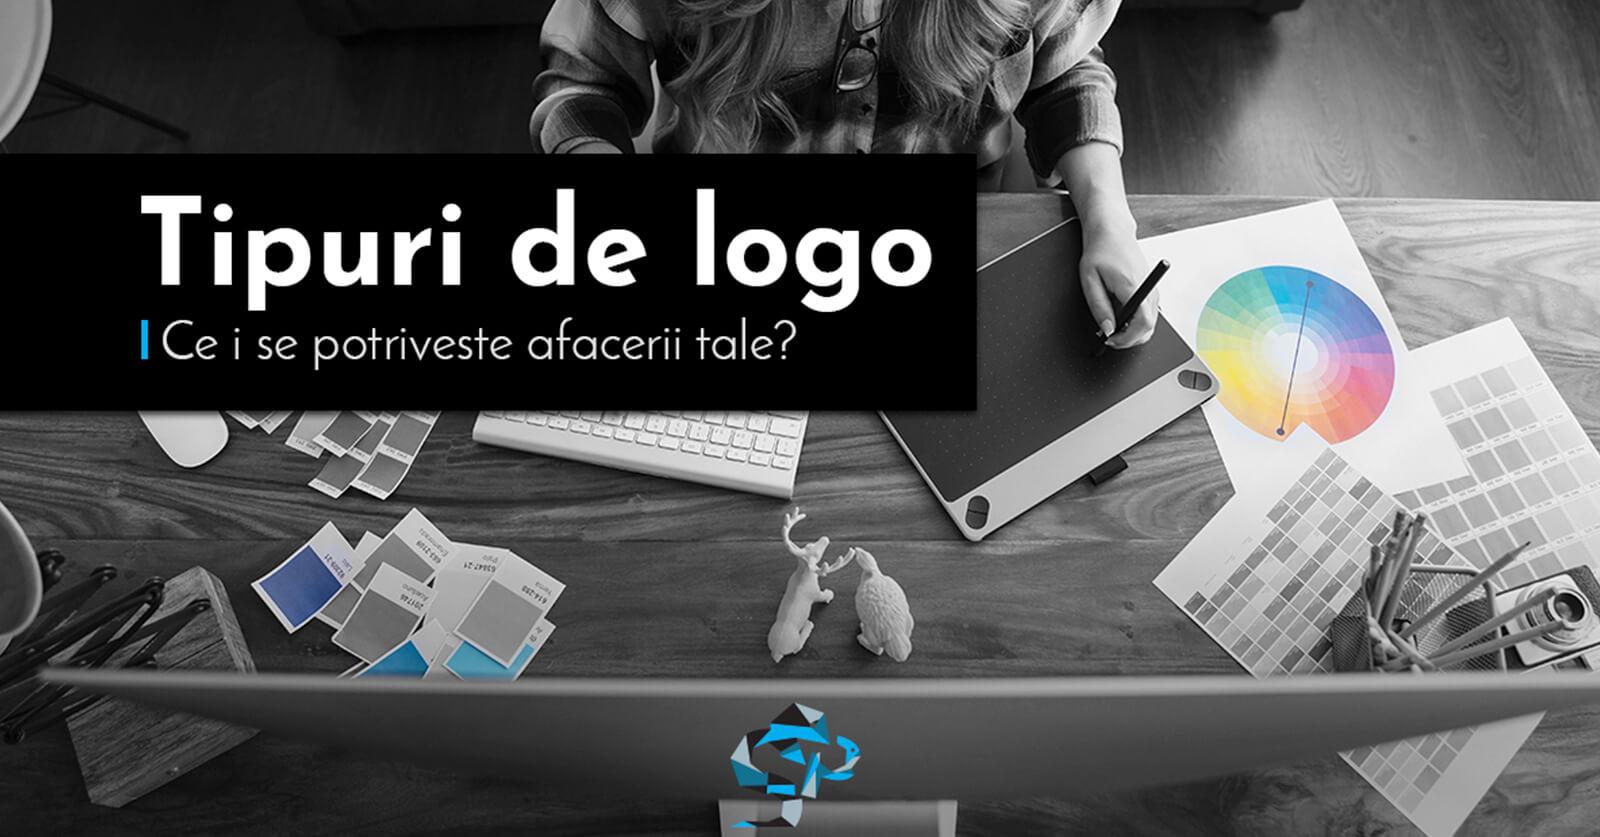 Tipuri de logo – ce i se potriveste afacerii tale?